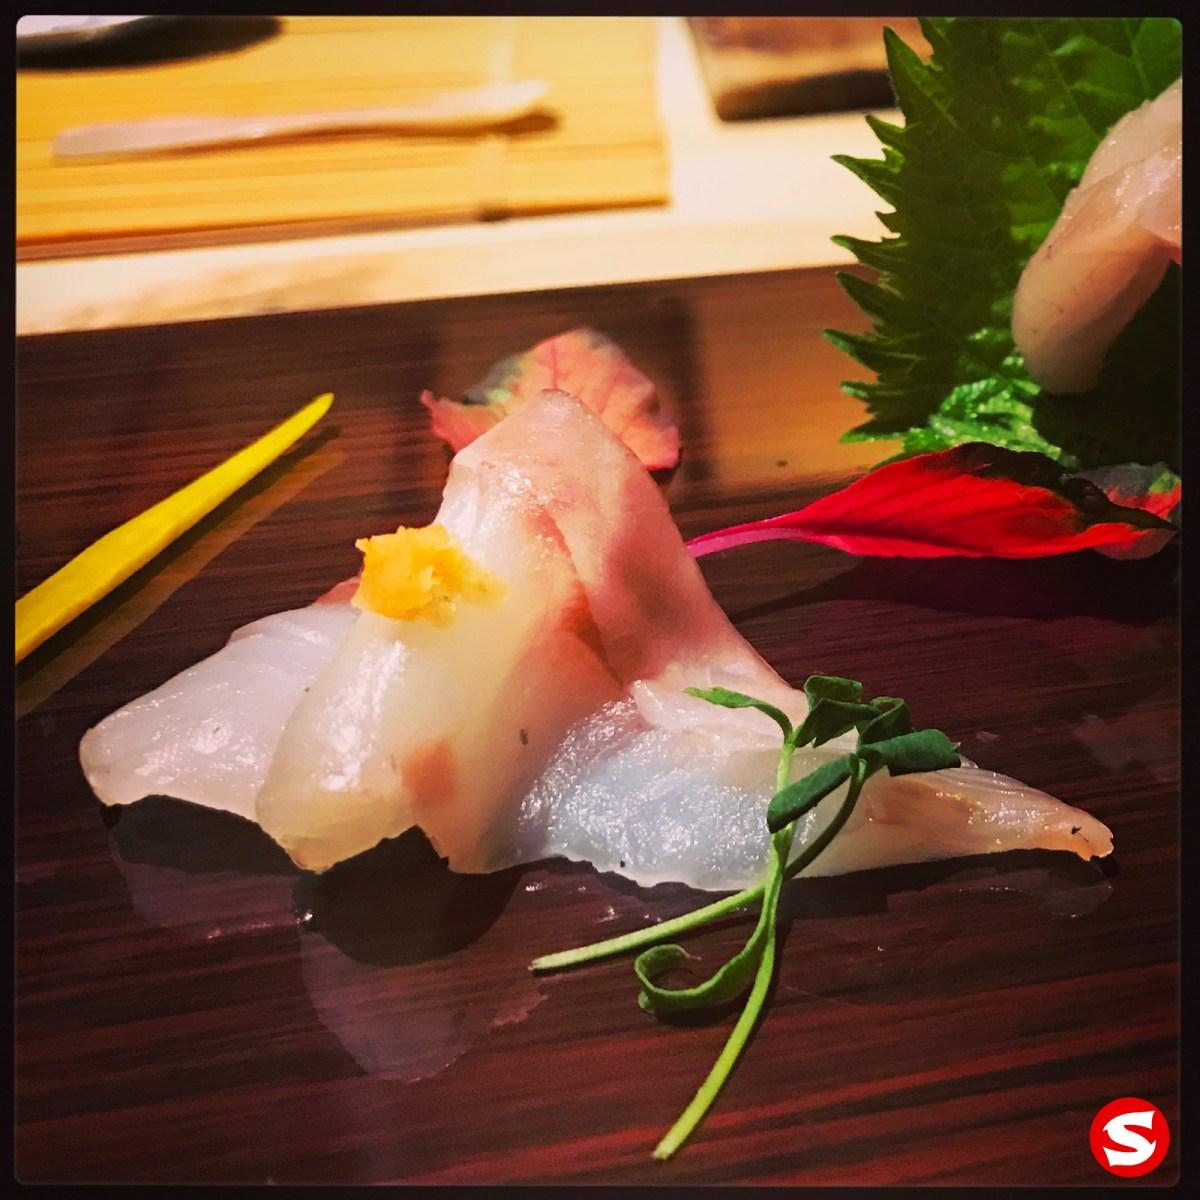 omakase tennen hamachi (wild yellowtai) sashimi